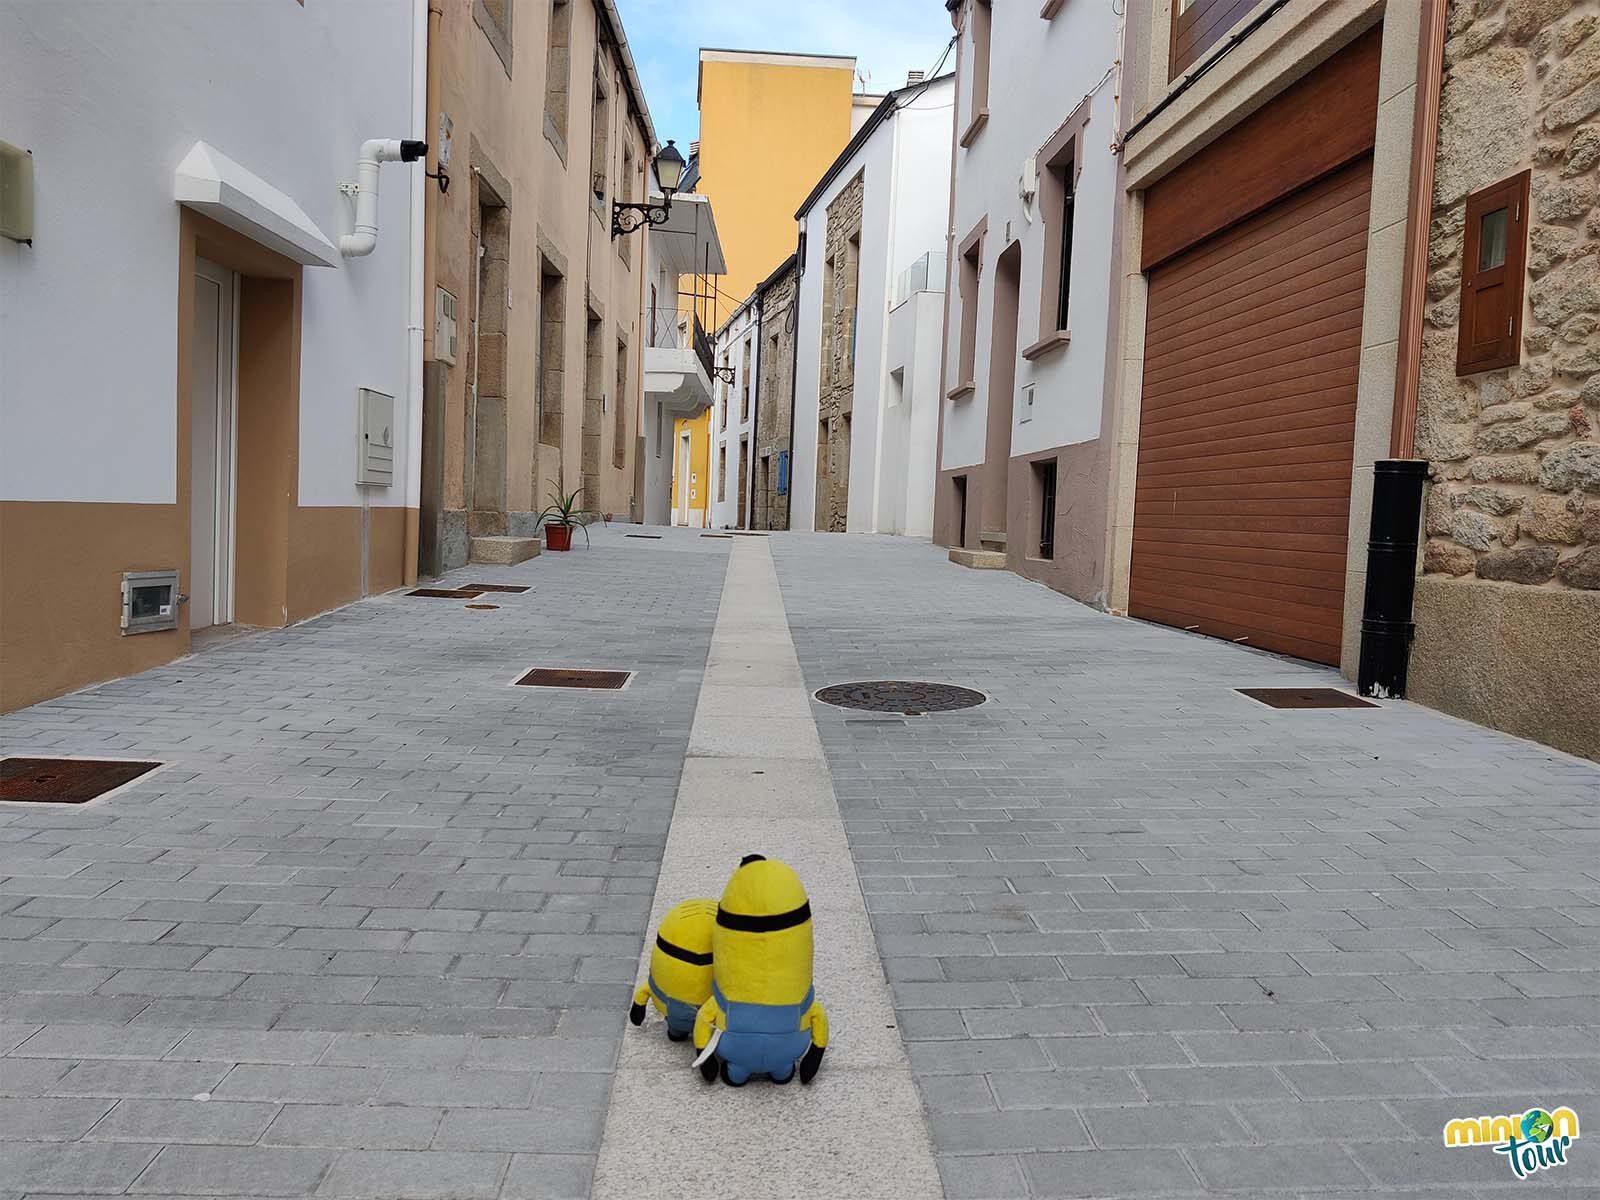 Minions paseando por las calles de San Ciprián